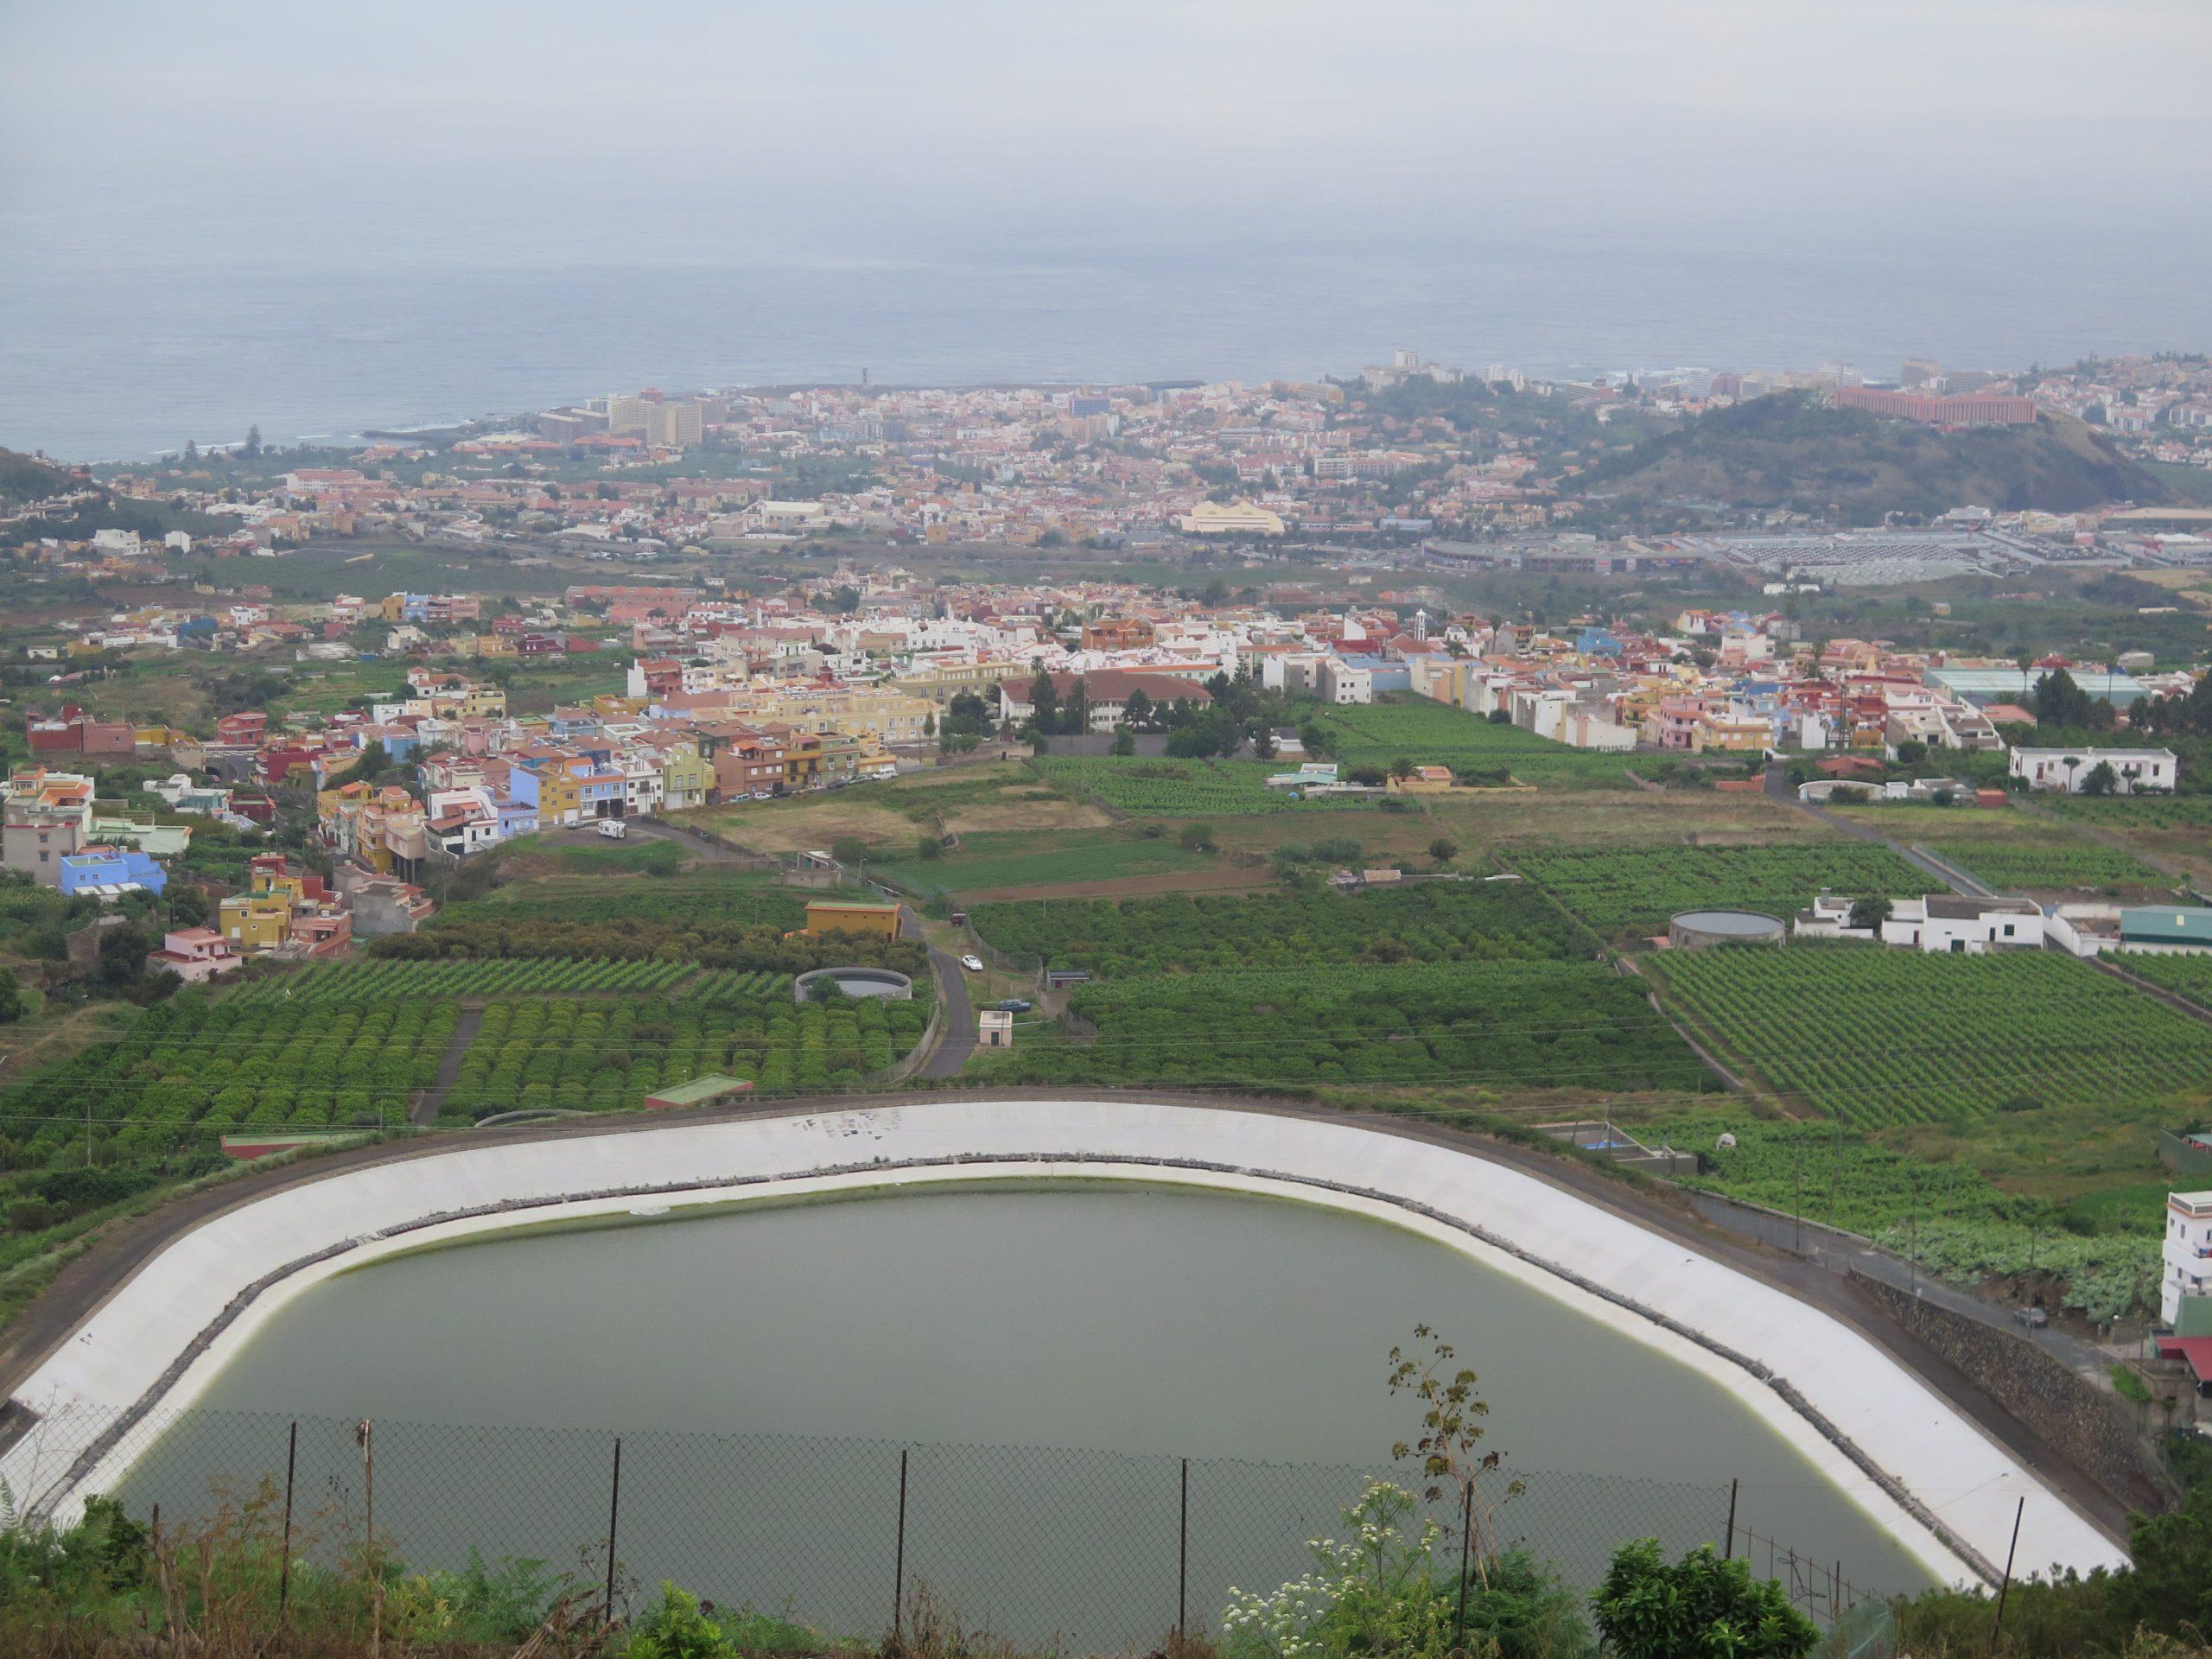 El Gobierno canario saca a consulta pública el proyecto de reglamento de utilización del suelo agrario